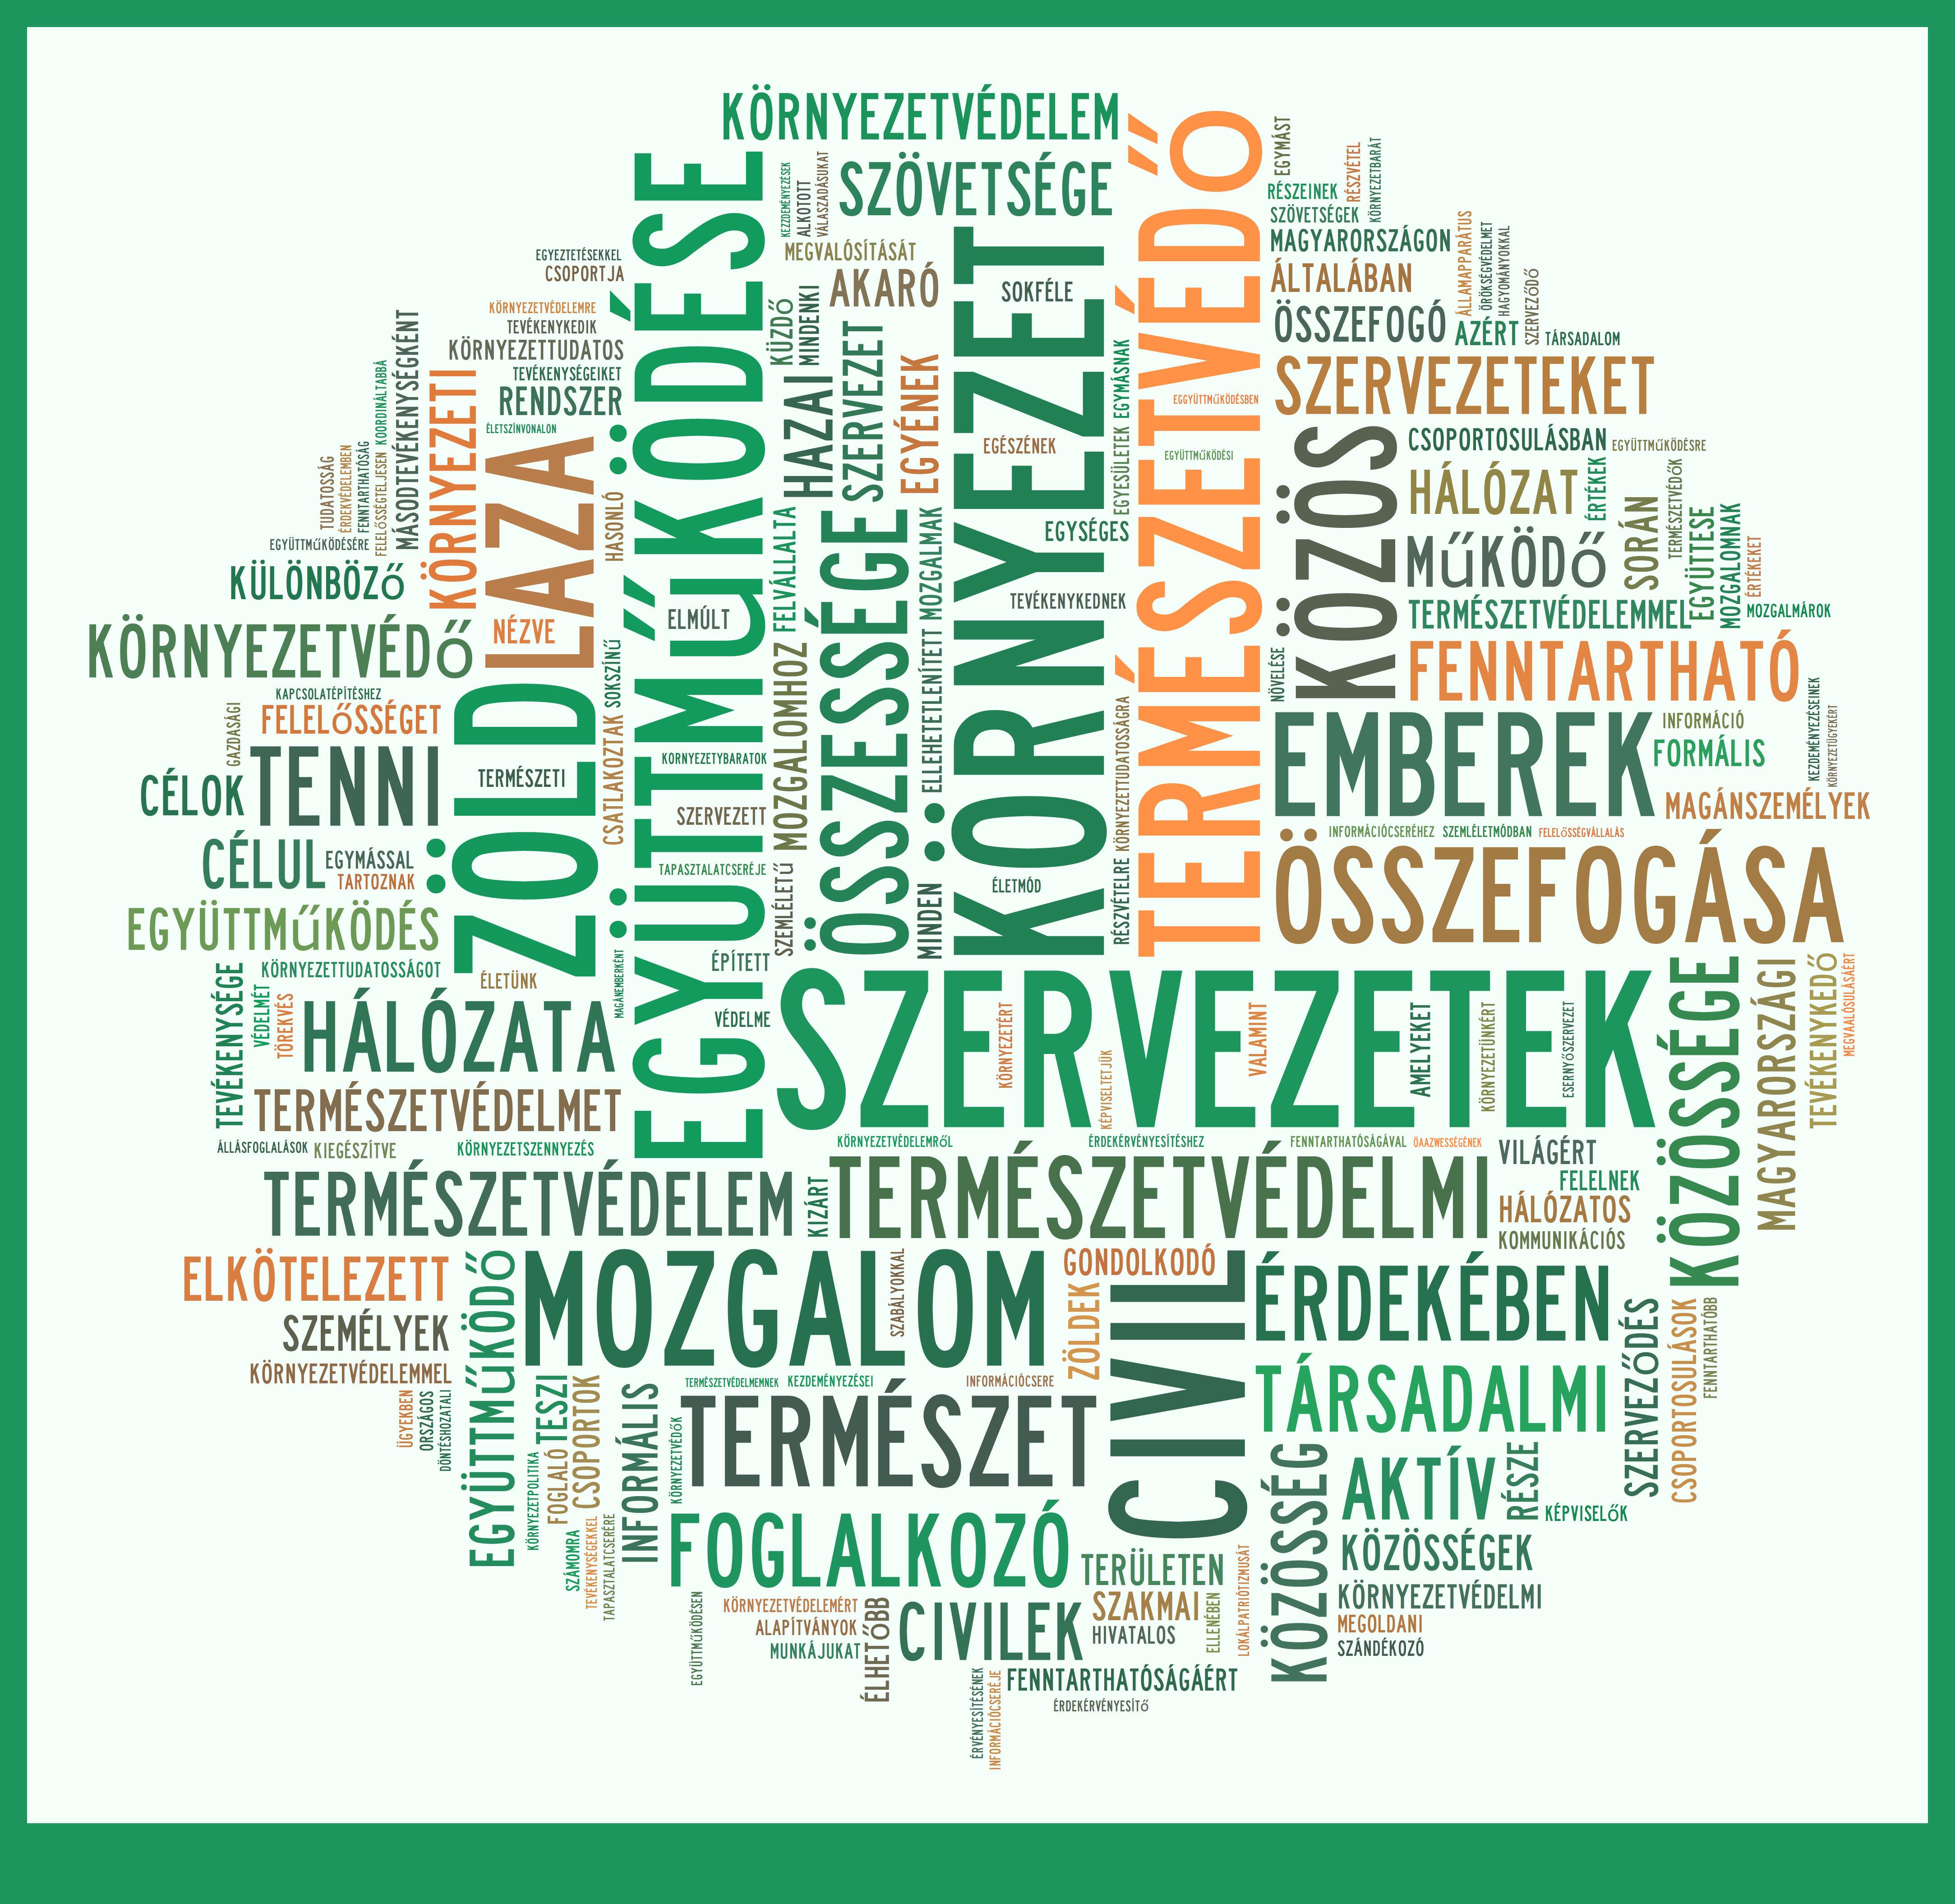 Küldetés, jövőkép, innováció - Wolters Kluwer Magyarország